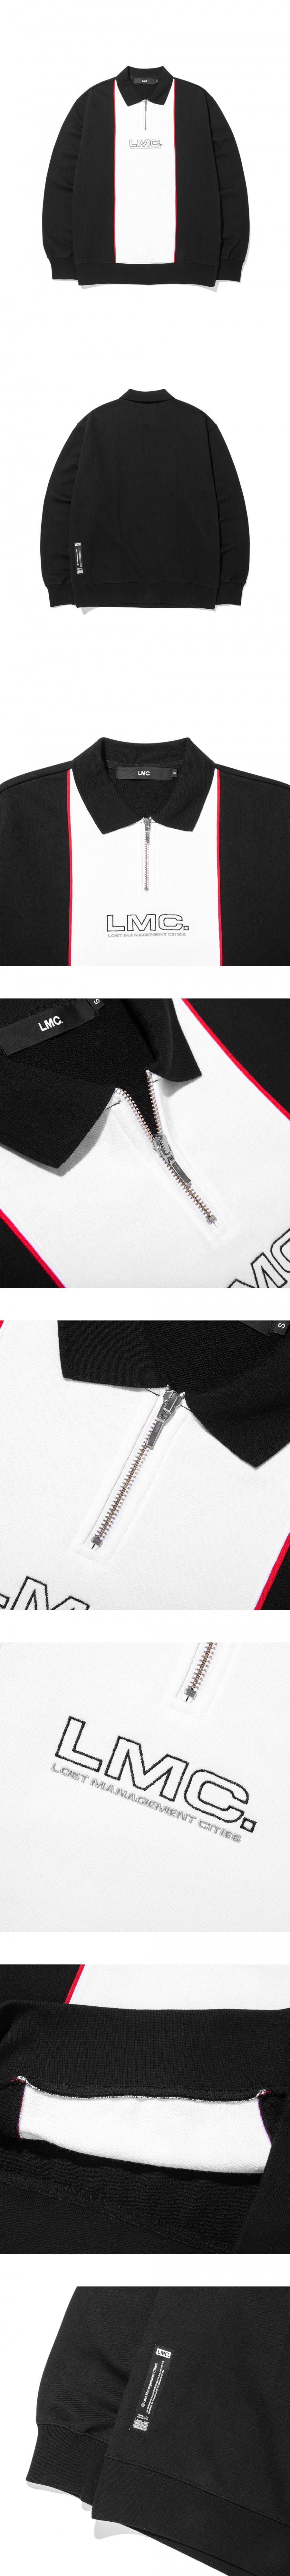 엘엠씨(LMC) LMC COLLAR QUARTER ZIP SWEATSHIRT black